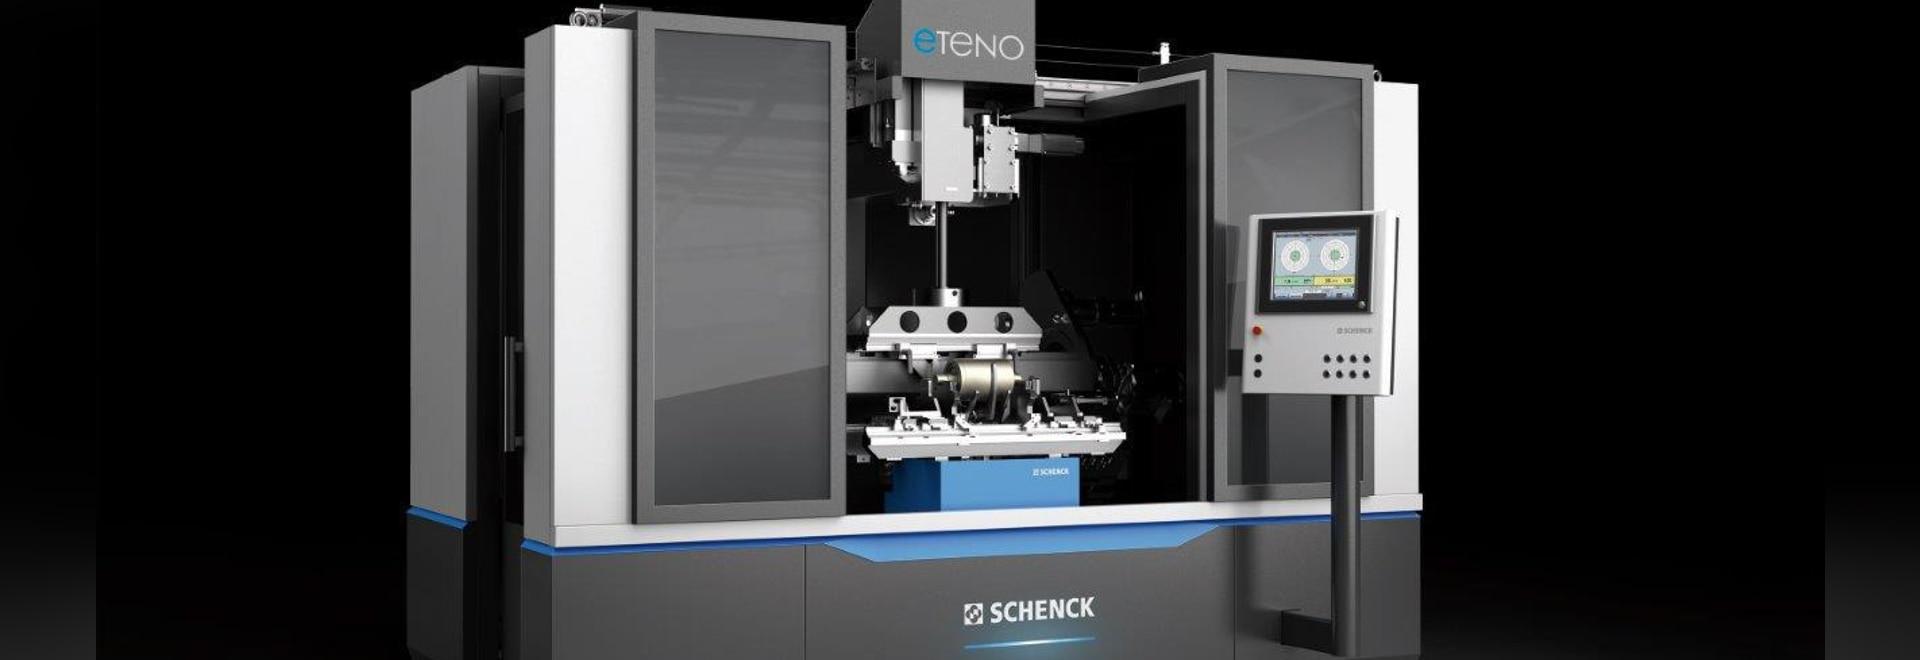 Schenck unveils the eTENO